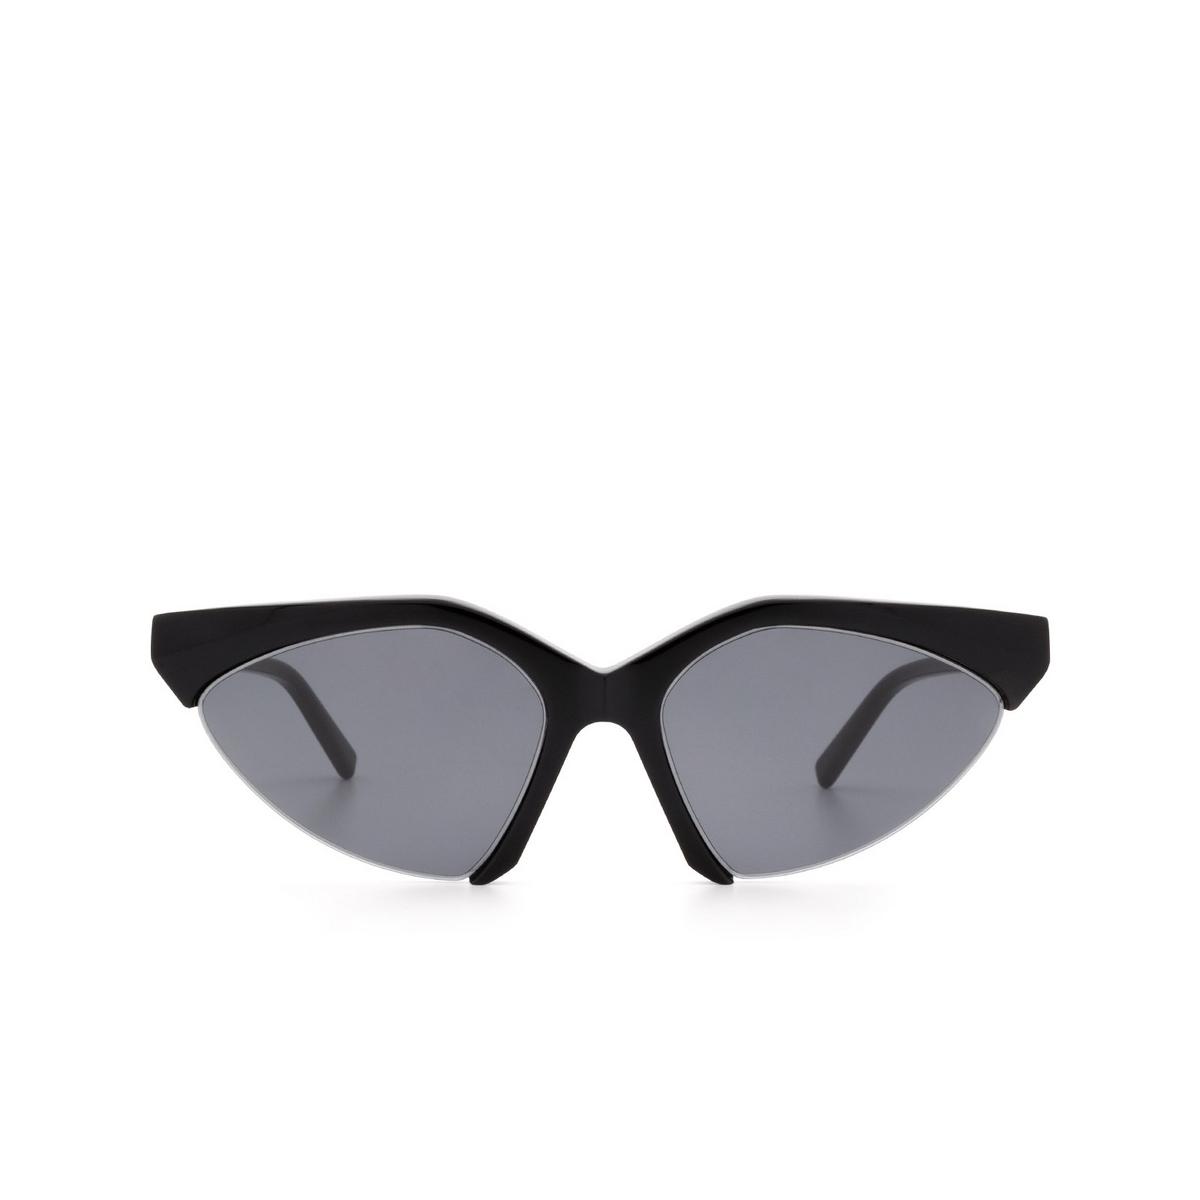 Sportmax® Irregular Sunglasses: SM0035 color Black 01A.